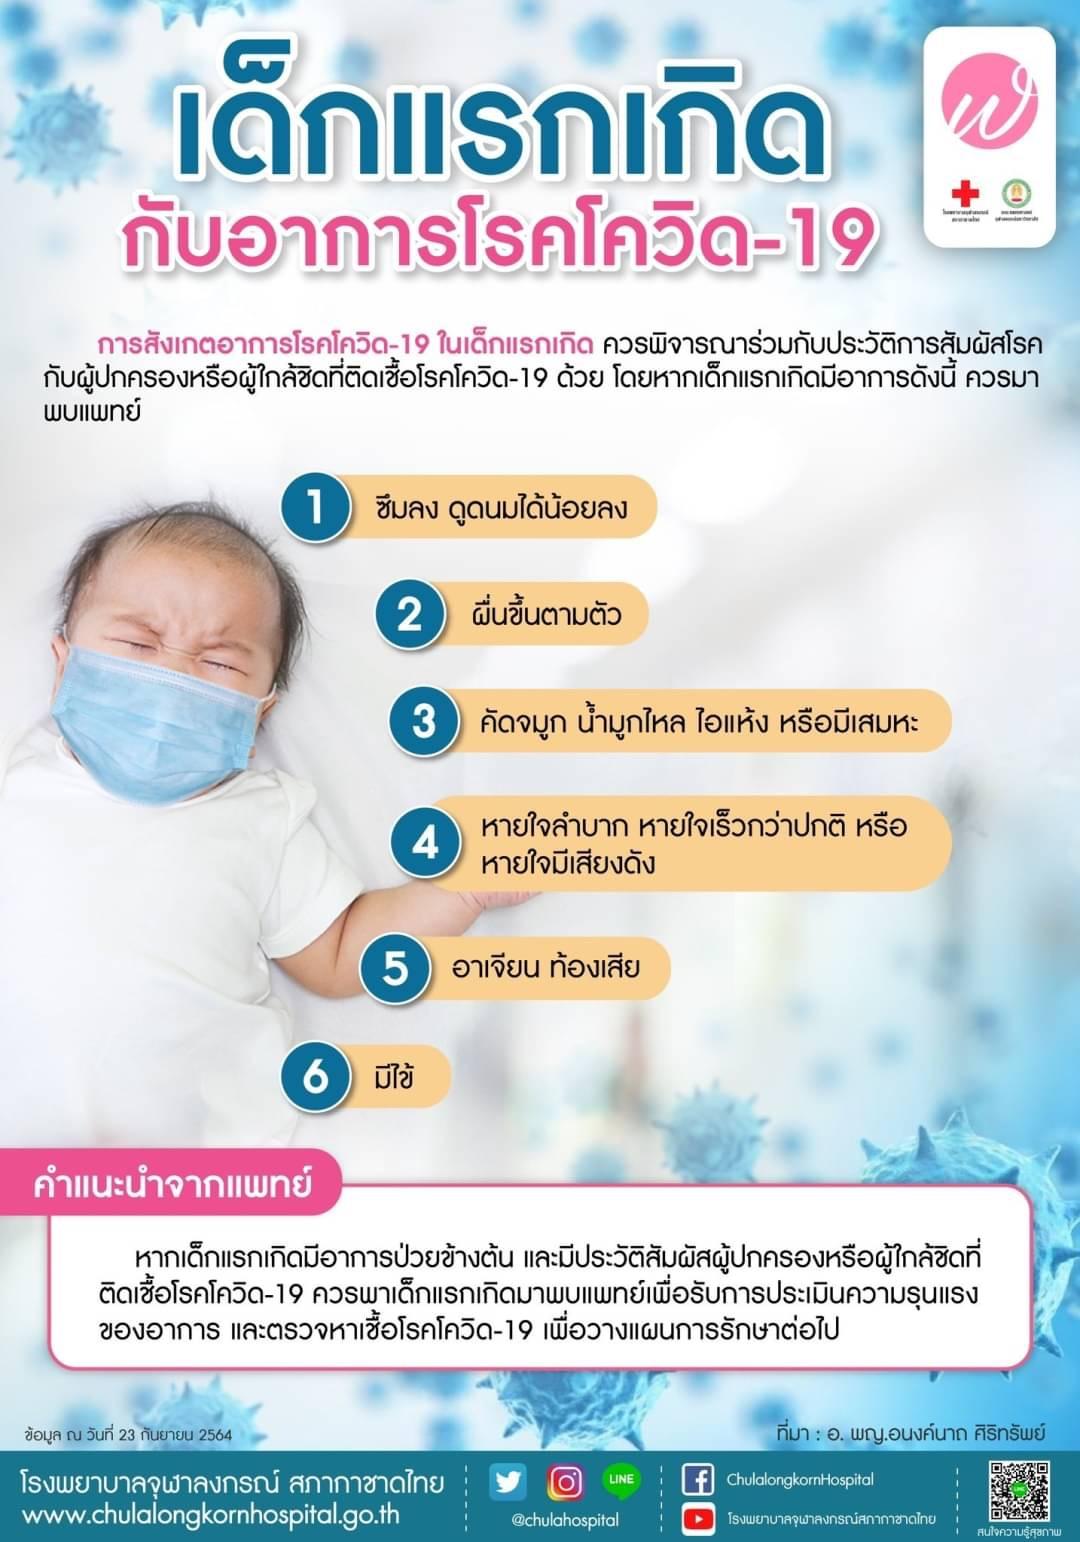 เด็กแรกเกิดกับอาการโรคโควิด-19